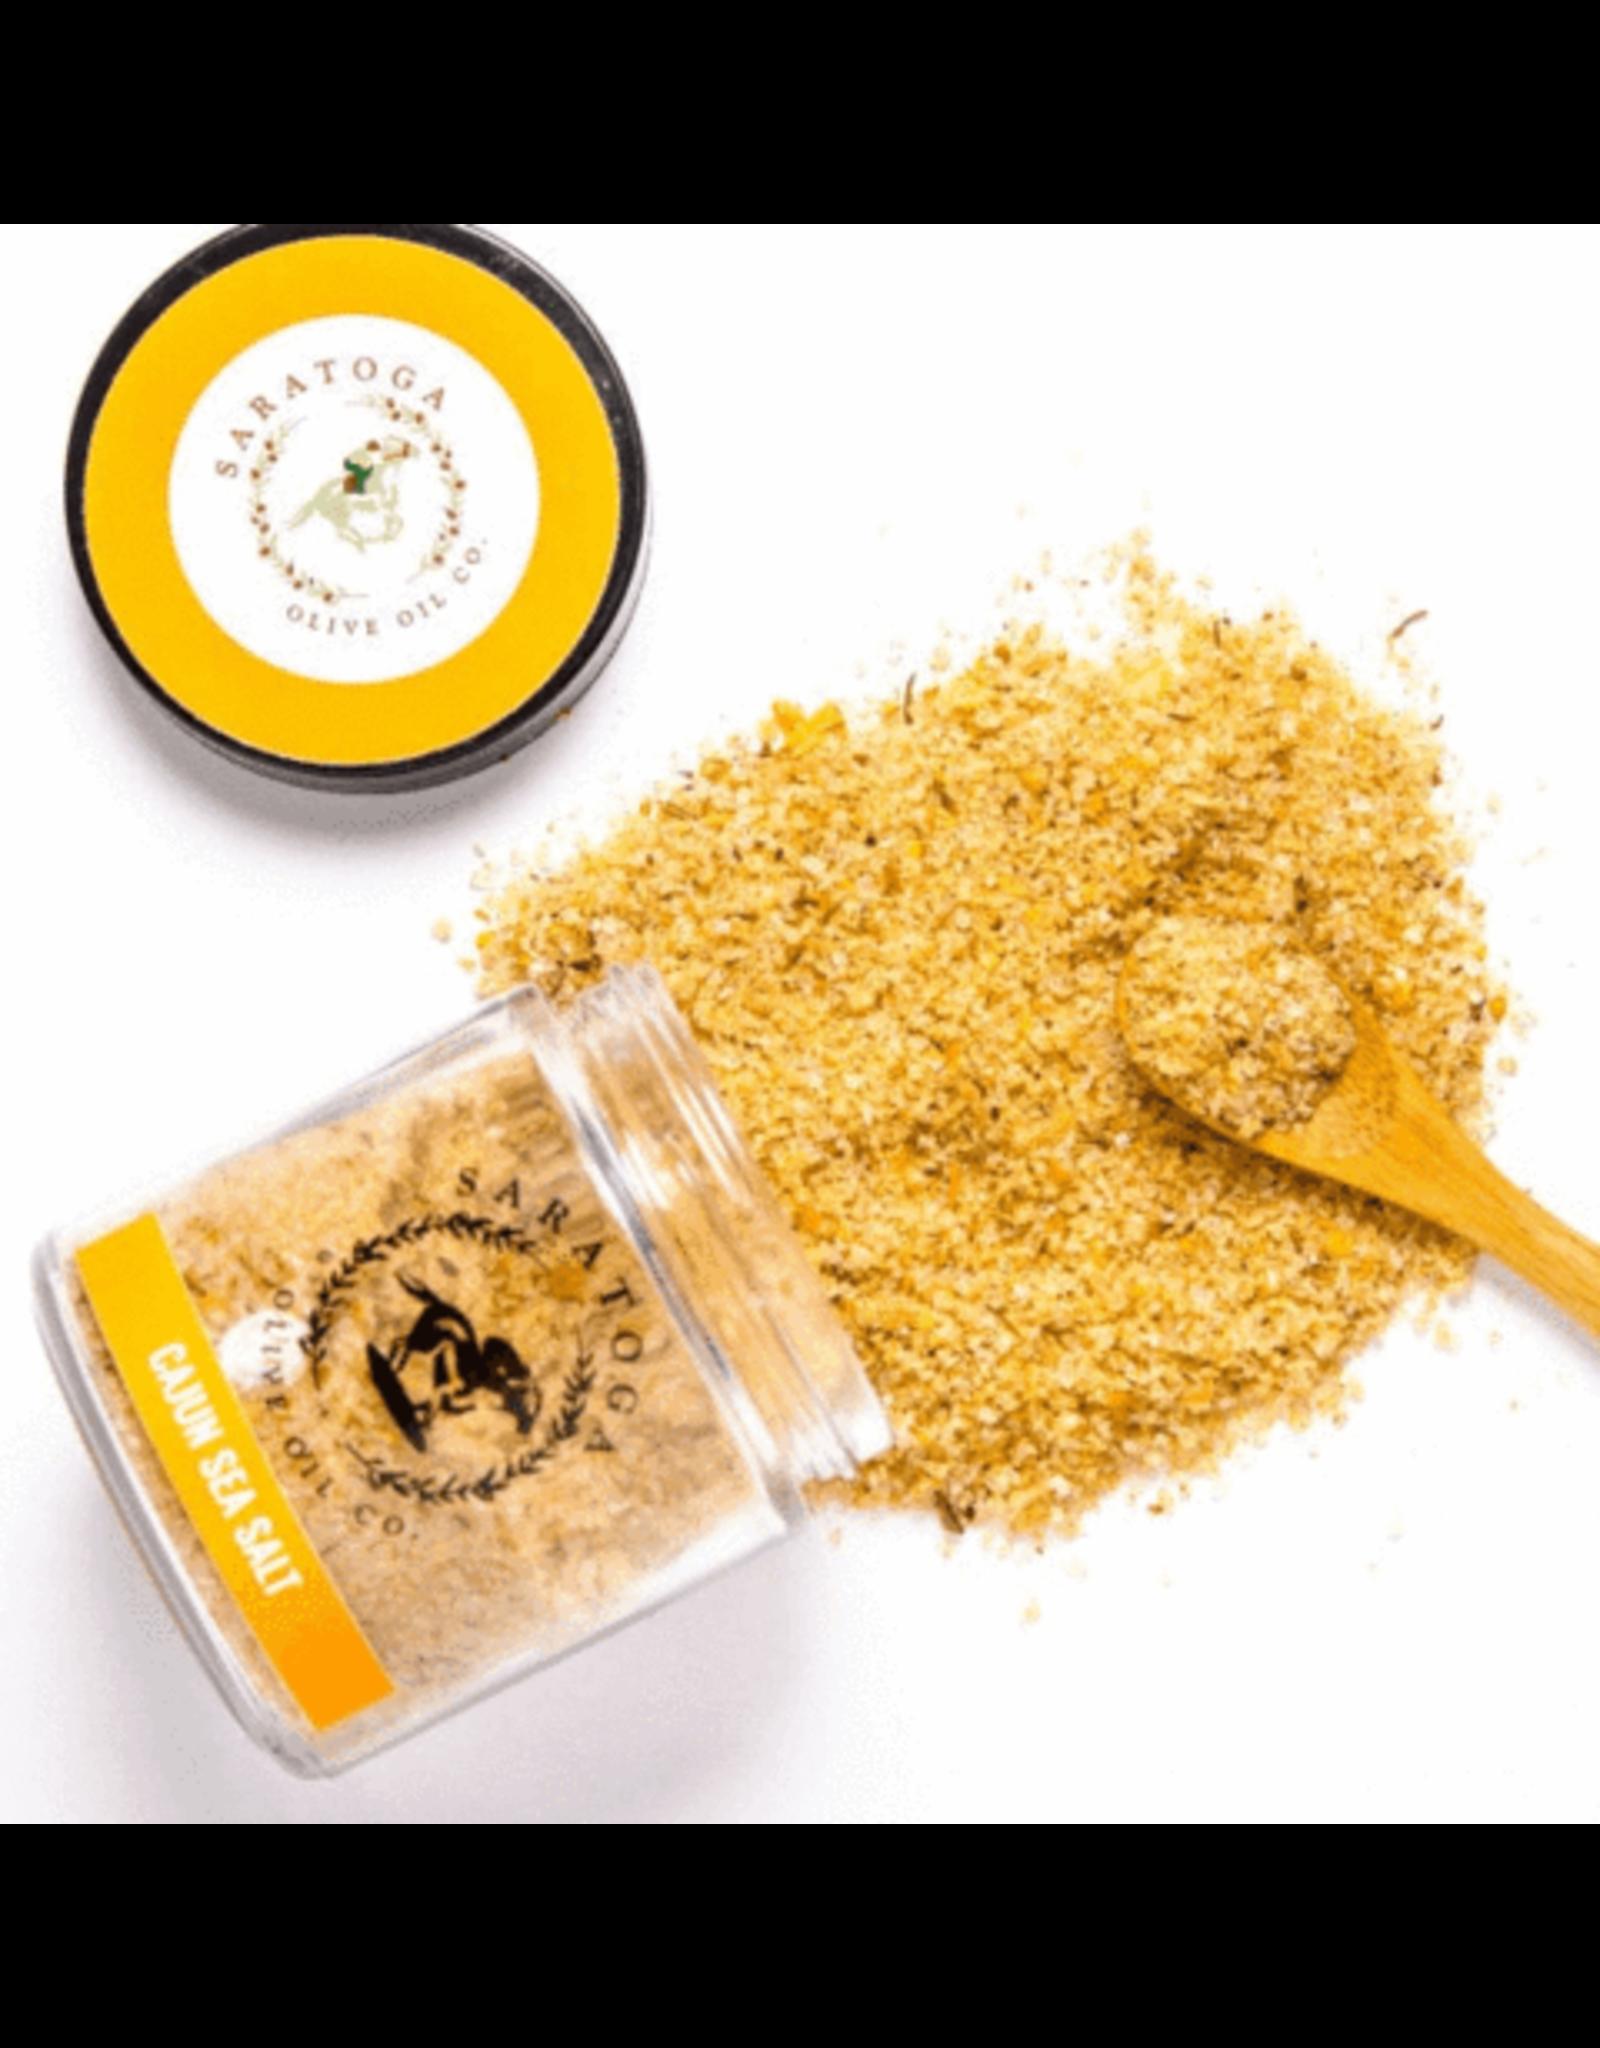 Saratoga Olive Oil Company Cajun Sea Salt